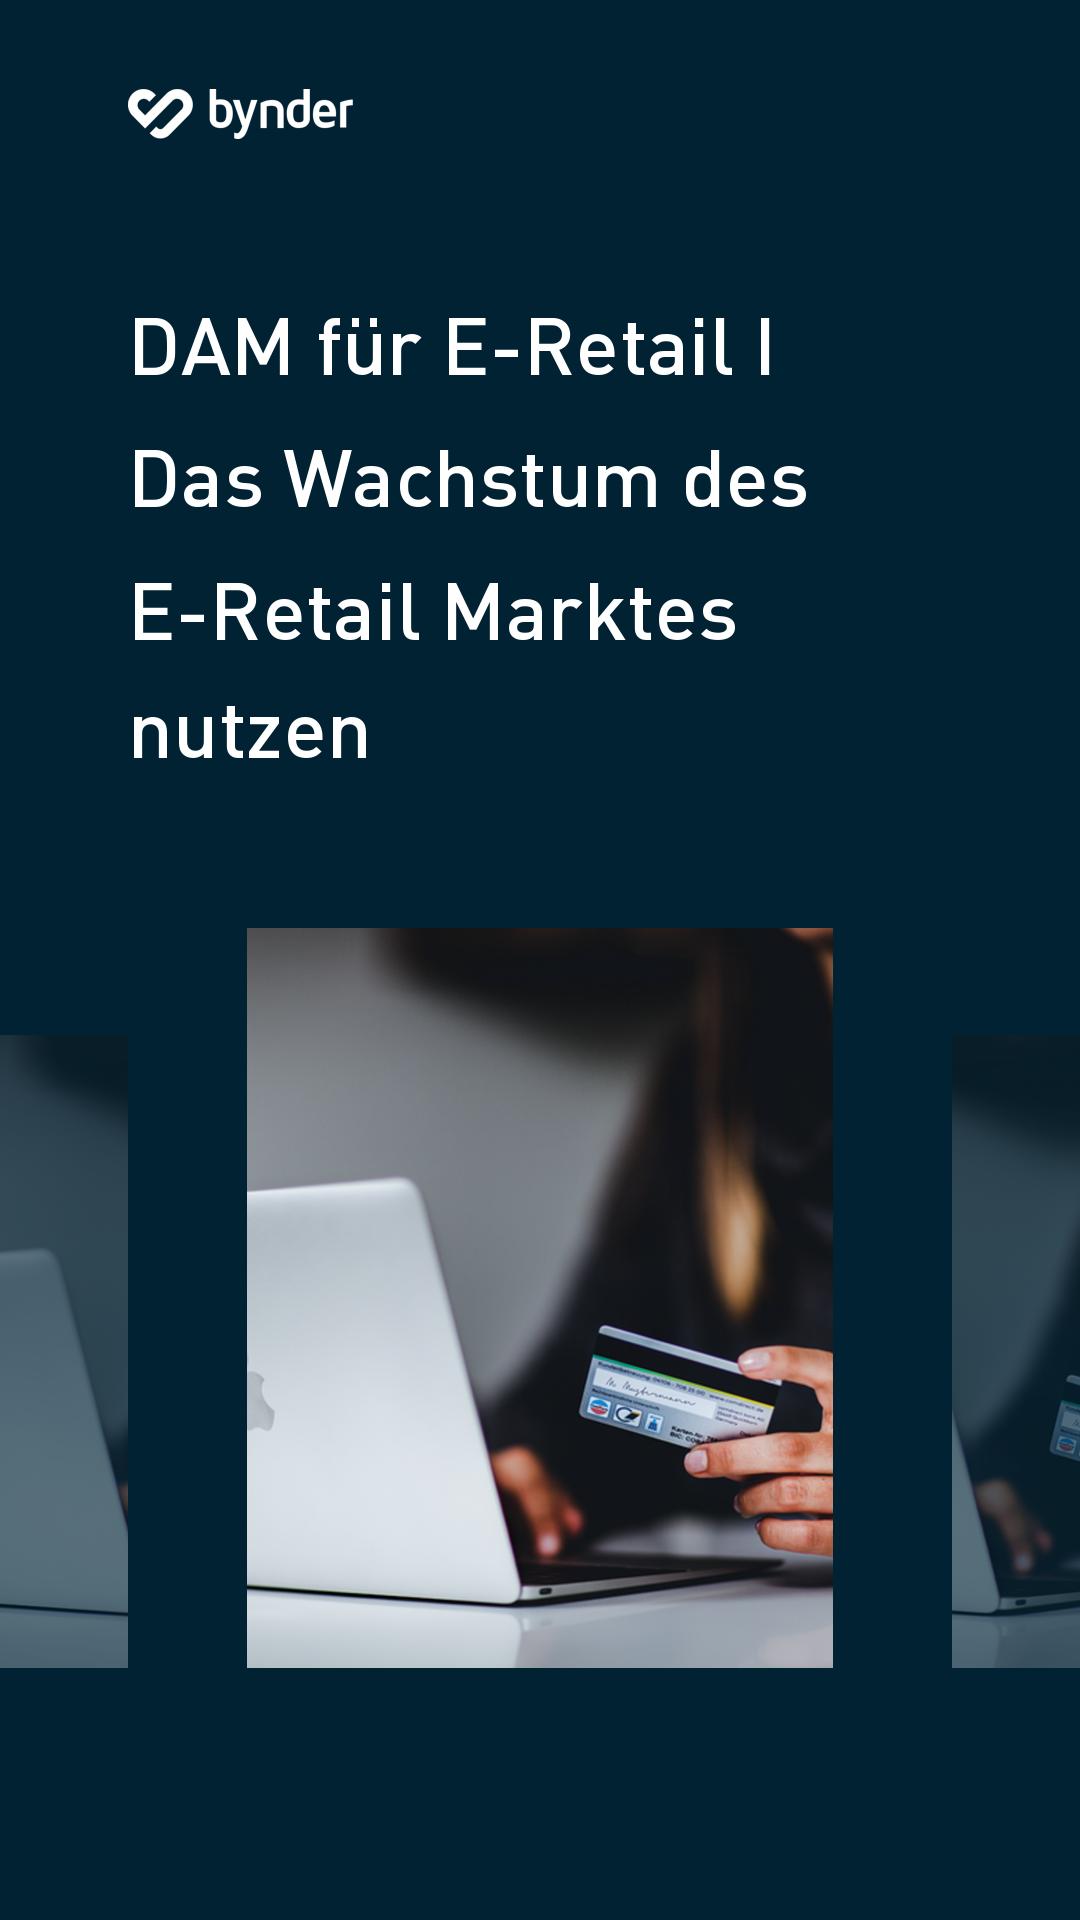 Das Wachstum des E-Retail Marktes effektiv nutzen